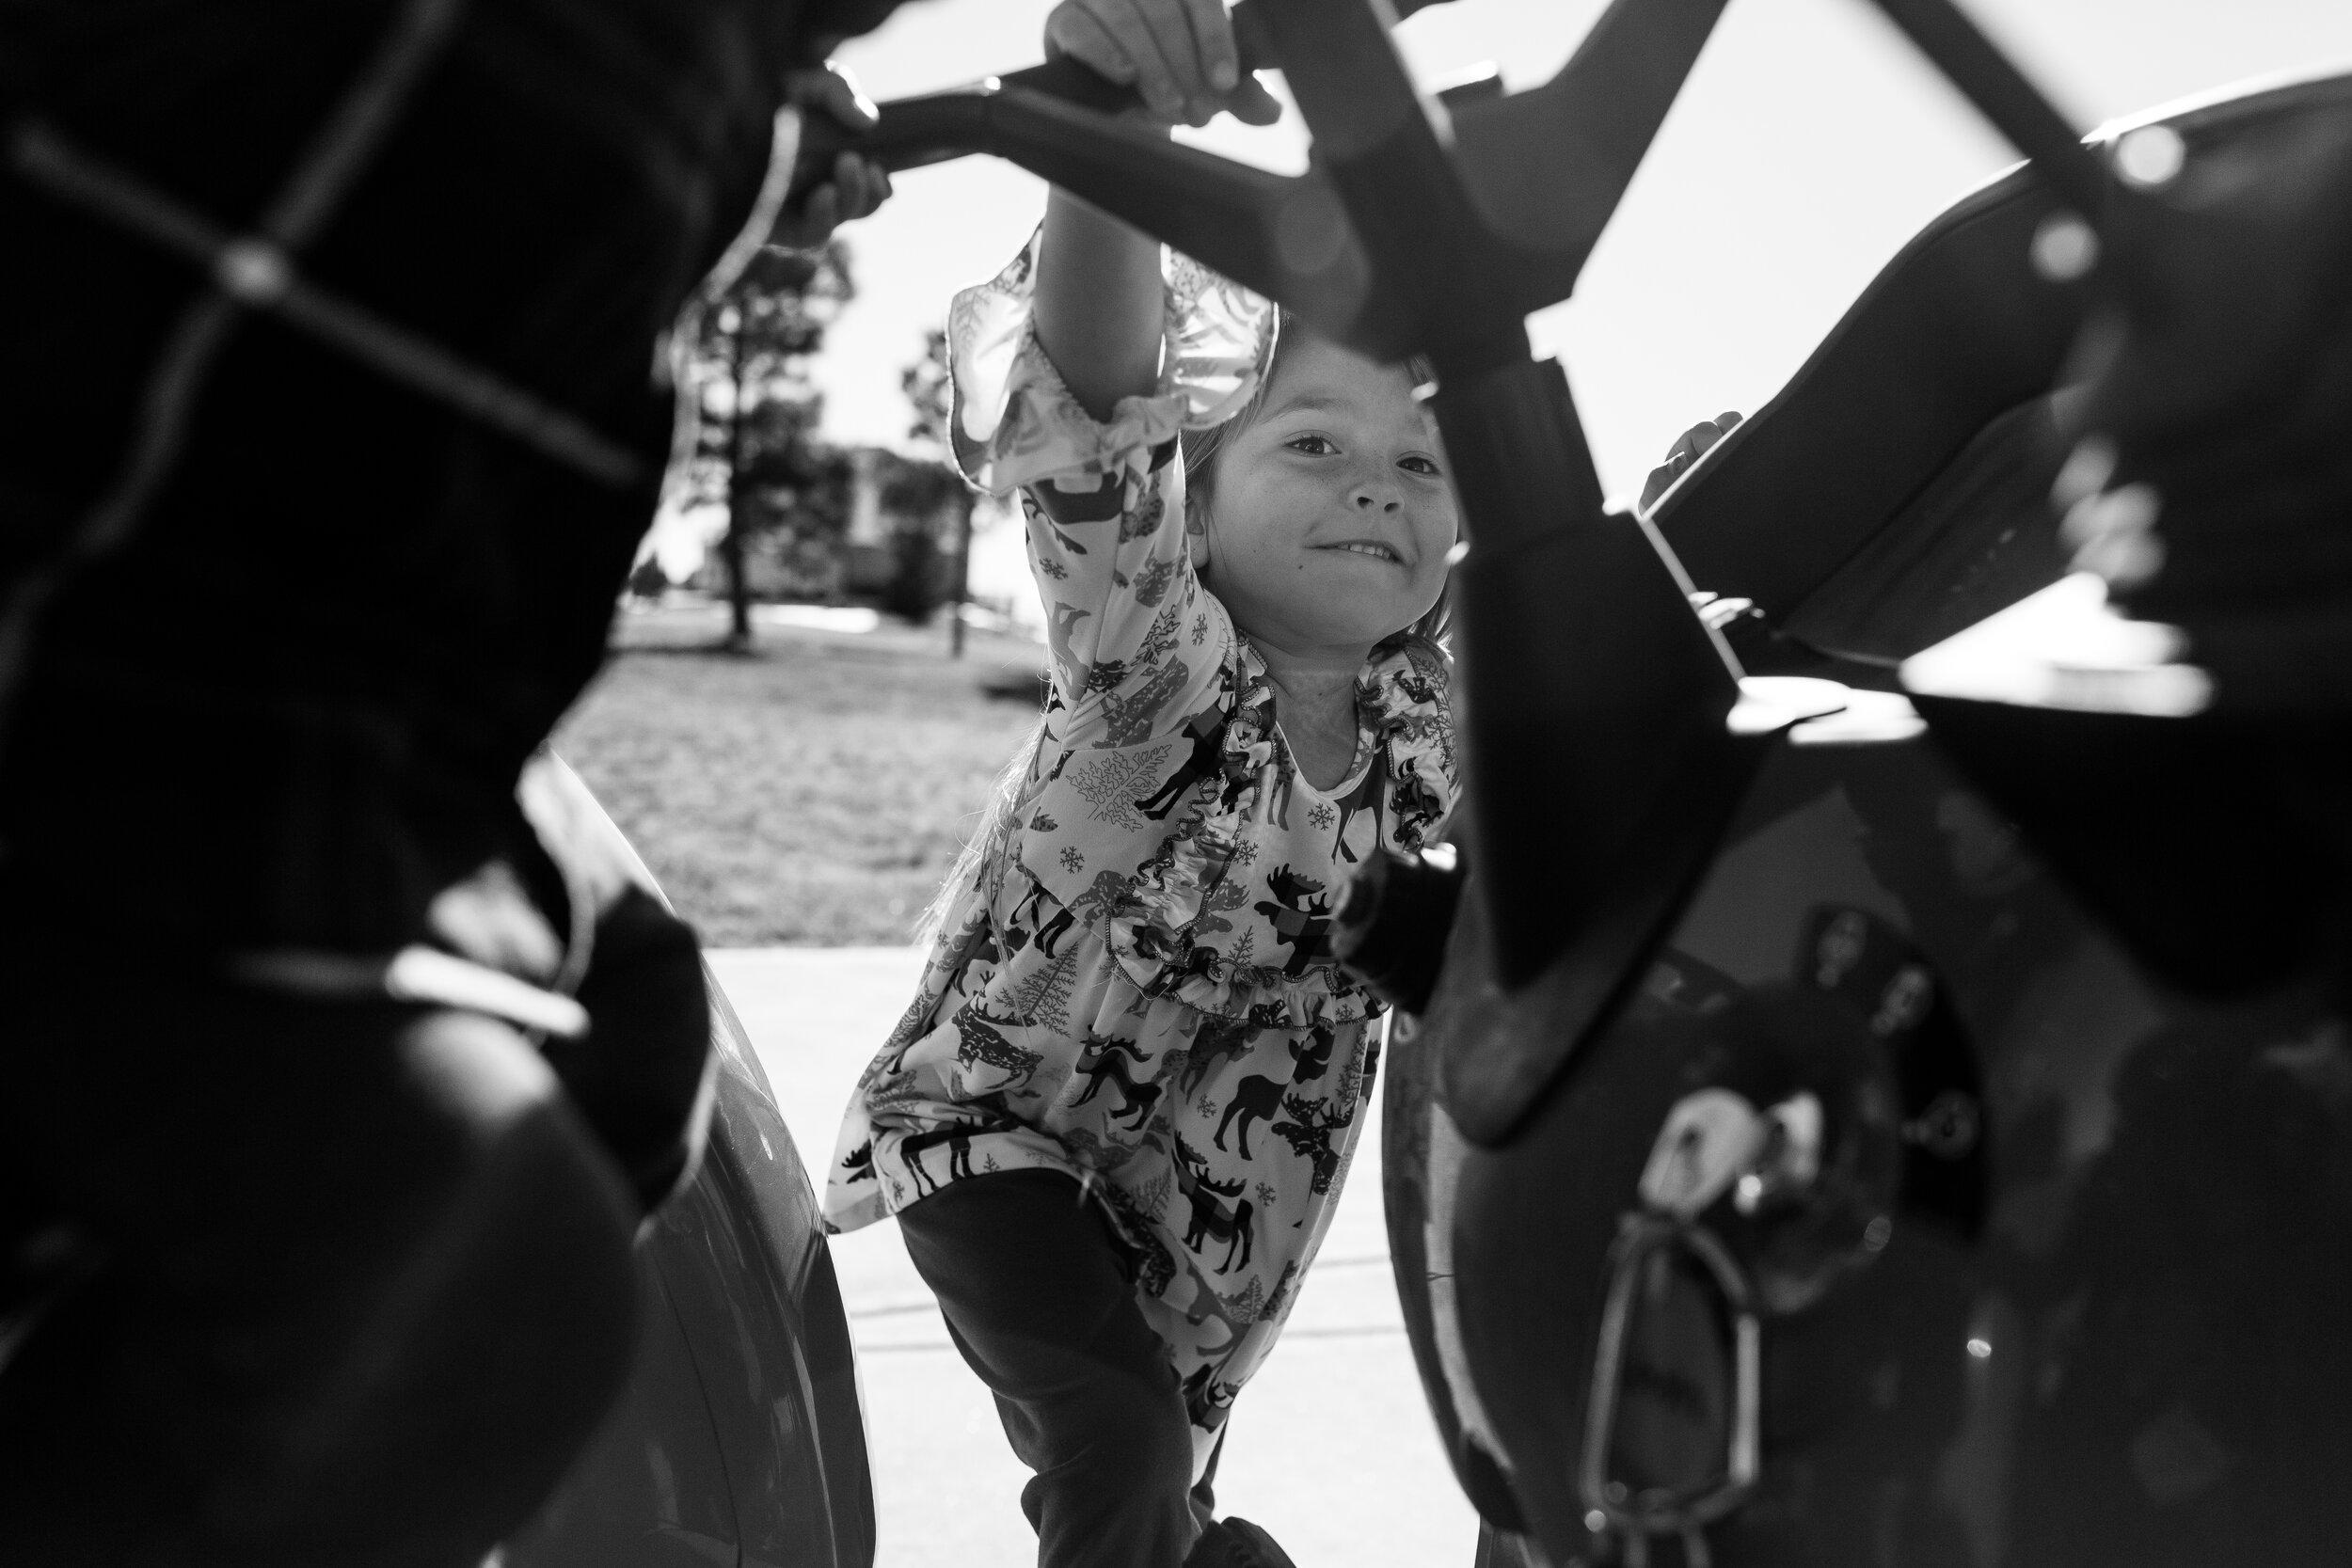 Pennsylvania family photographer, Philadelphia family photojournalism, Documentary family photography, Family photojournalism, Day In the Life photography, In home photo session, Philadelphia family photographer, Family photo ideas, Family picture inspiration, Unique Family photos, Philadelphia Lifestyle family photos, Pennsylvania Lifestyle images